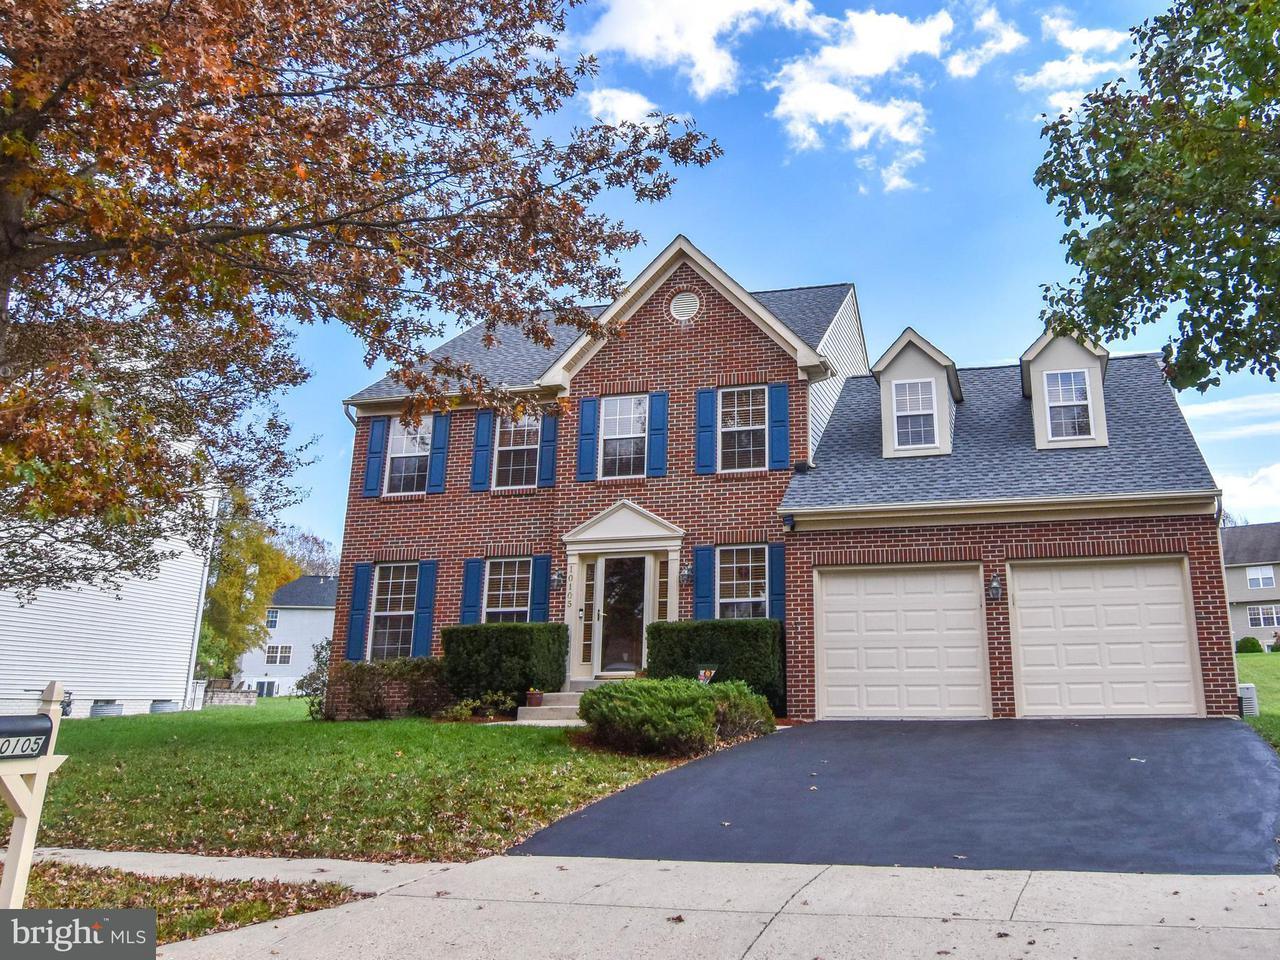 一戸建て のために 売買 アット 10105 GARDEN VALLEY Court 10105 GARDEN VALLEY Court Cheltenham, メリーランド 20623 アメリカ合衆国